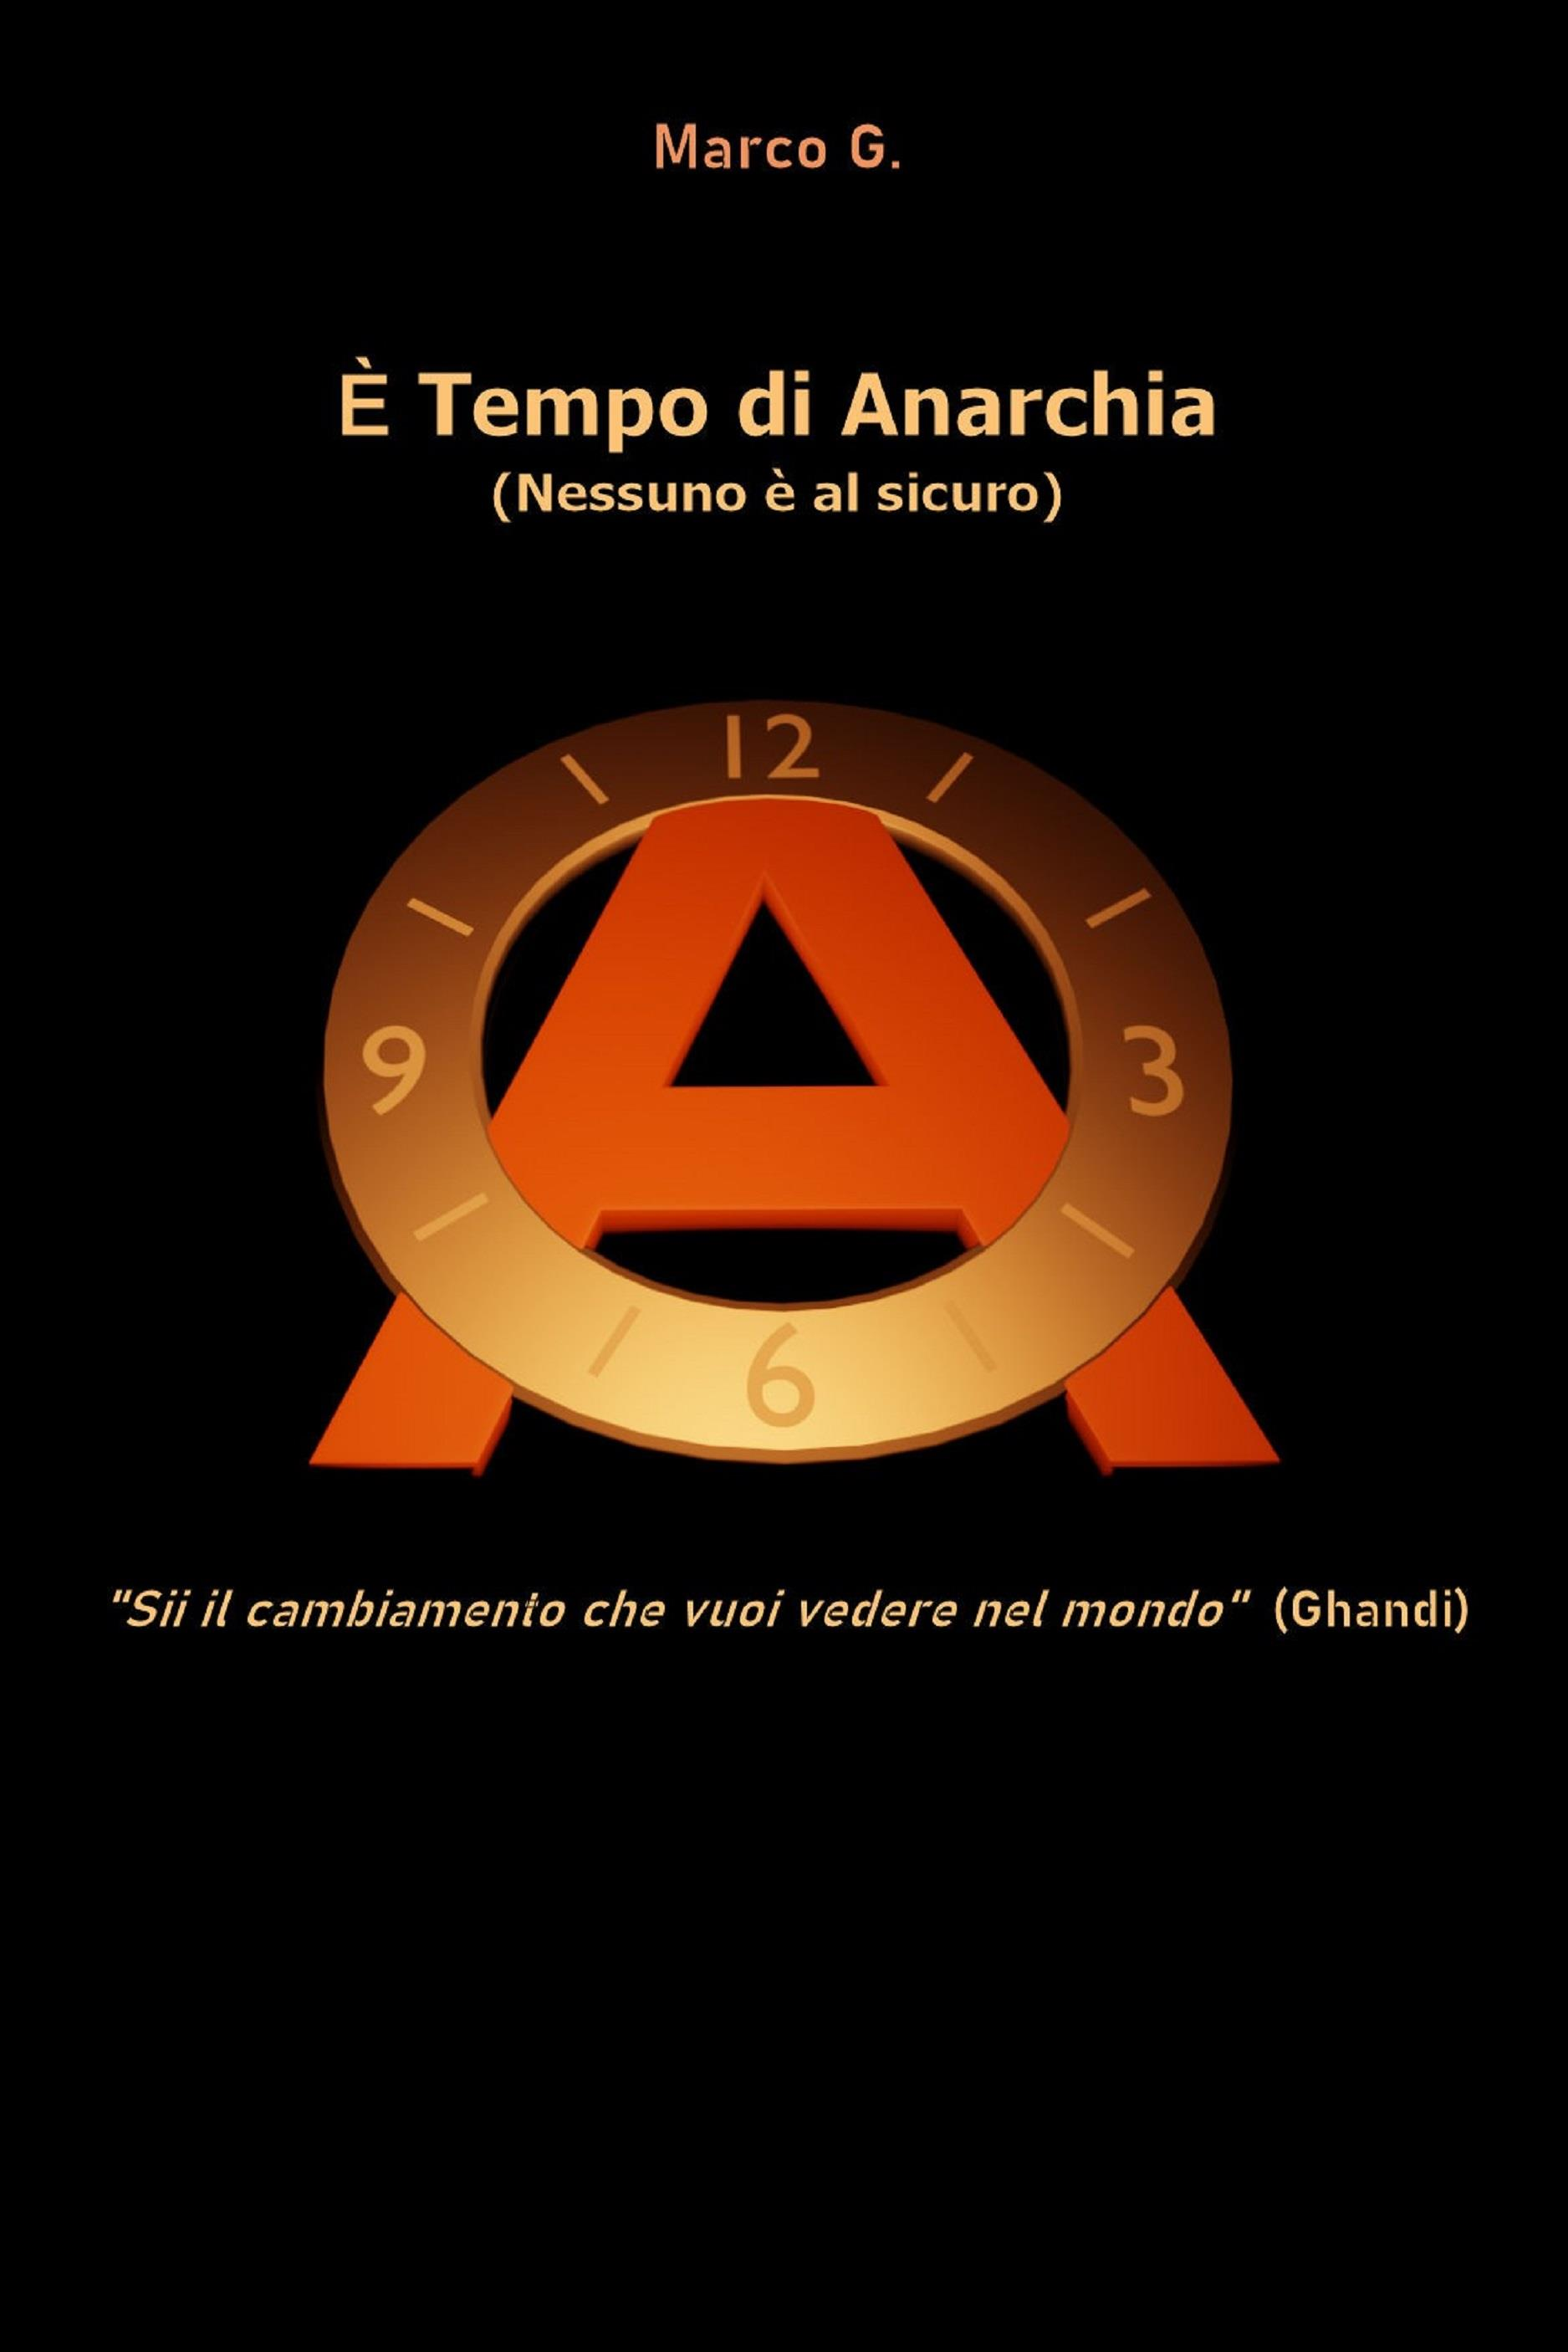 E' tempo di anarchia